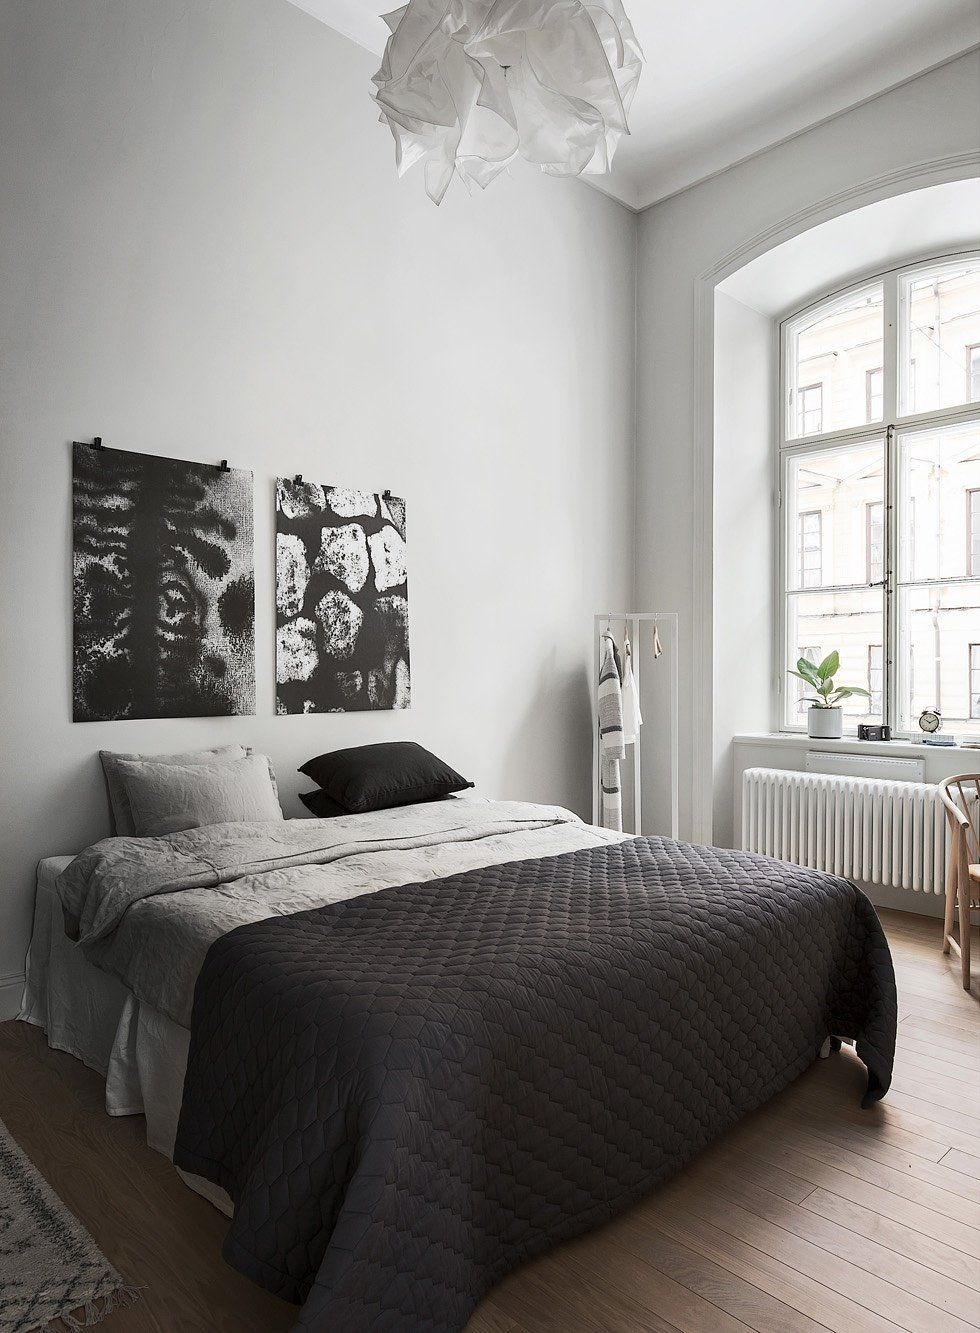 Minimalist Bedroom Decor Ideas: 40 Minimalist Bedroom Ideas